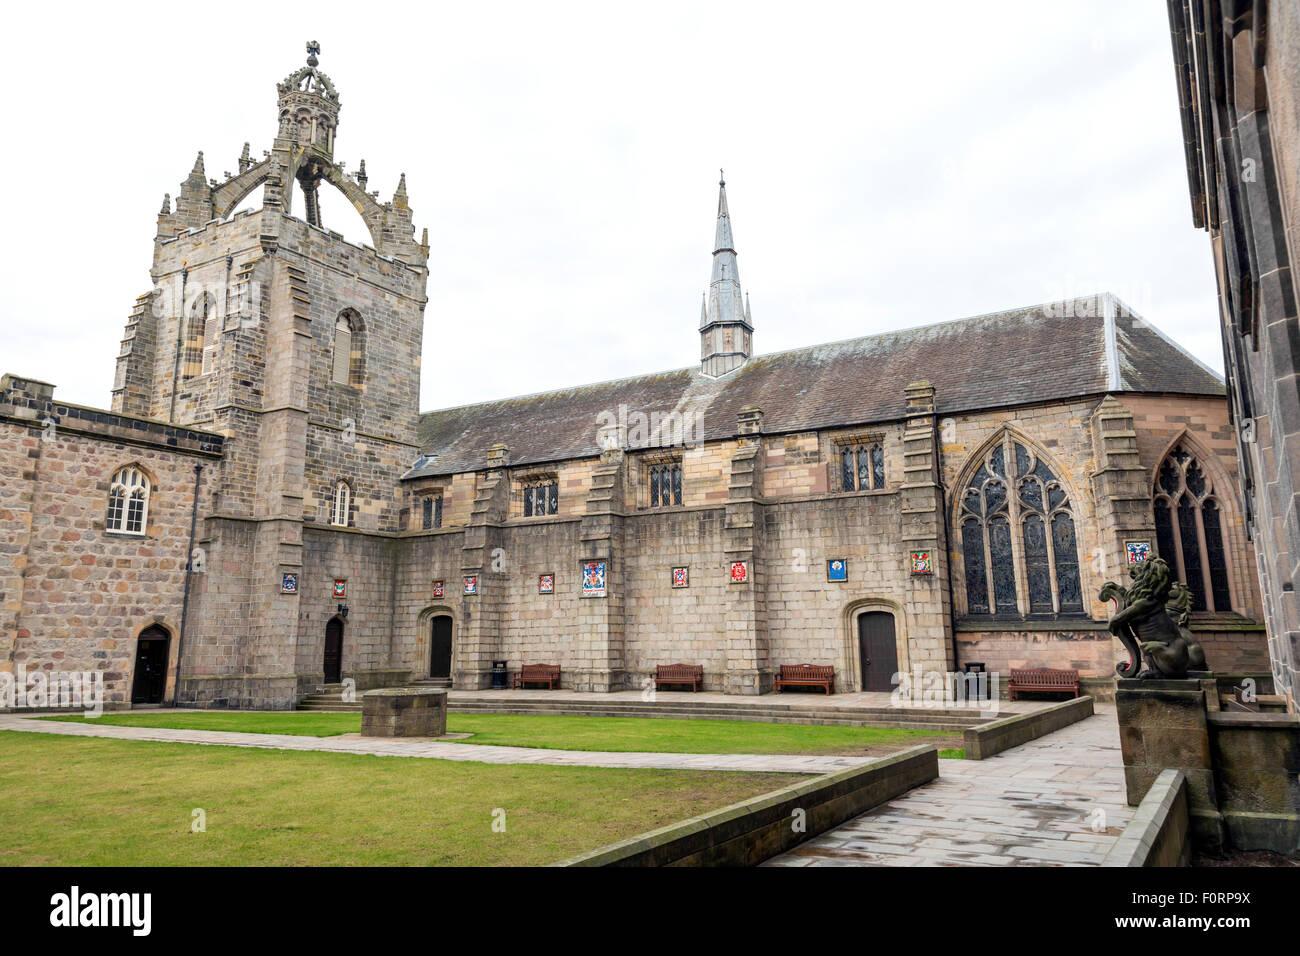 Un quadrangolo al King's College, Università di Aberdeen, Scozia, Regno Unito Foto Stock